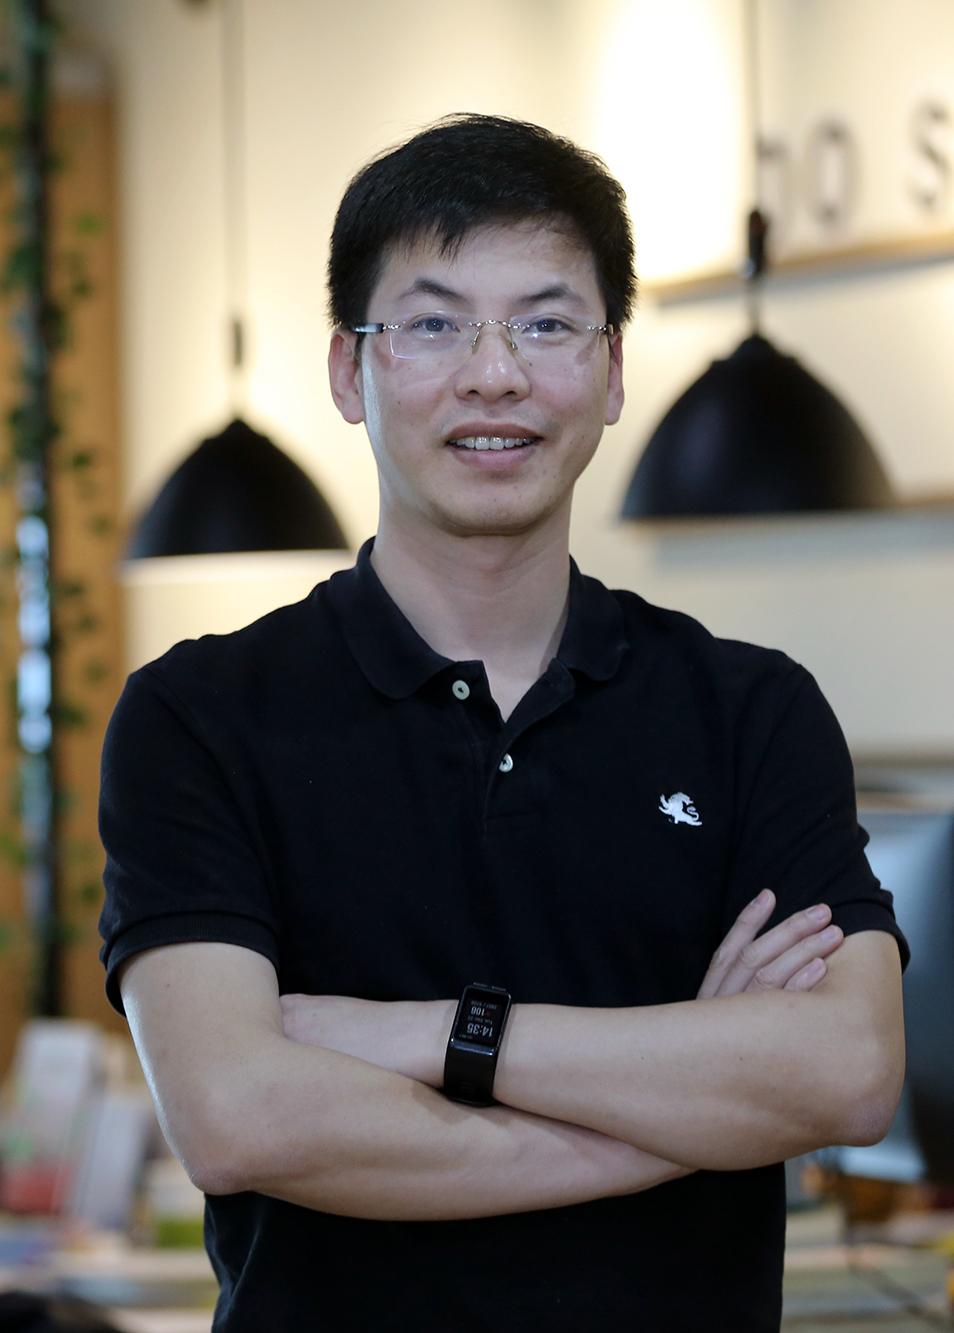 Hùng Trần Got It: Từ cậu sinh viên 'vừa câm, vừa điếc' trên đất Mỹ đến founder startup có triển vọng kỳ lân ở Silicon Valley - Ảnh 10.